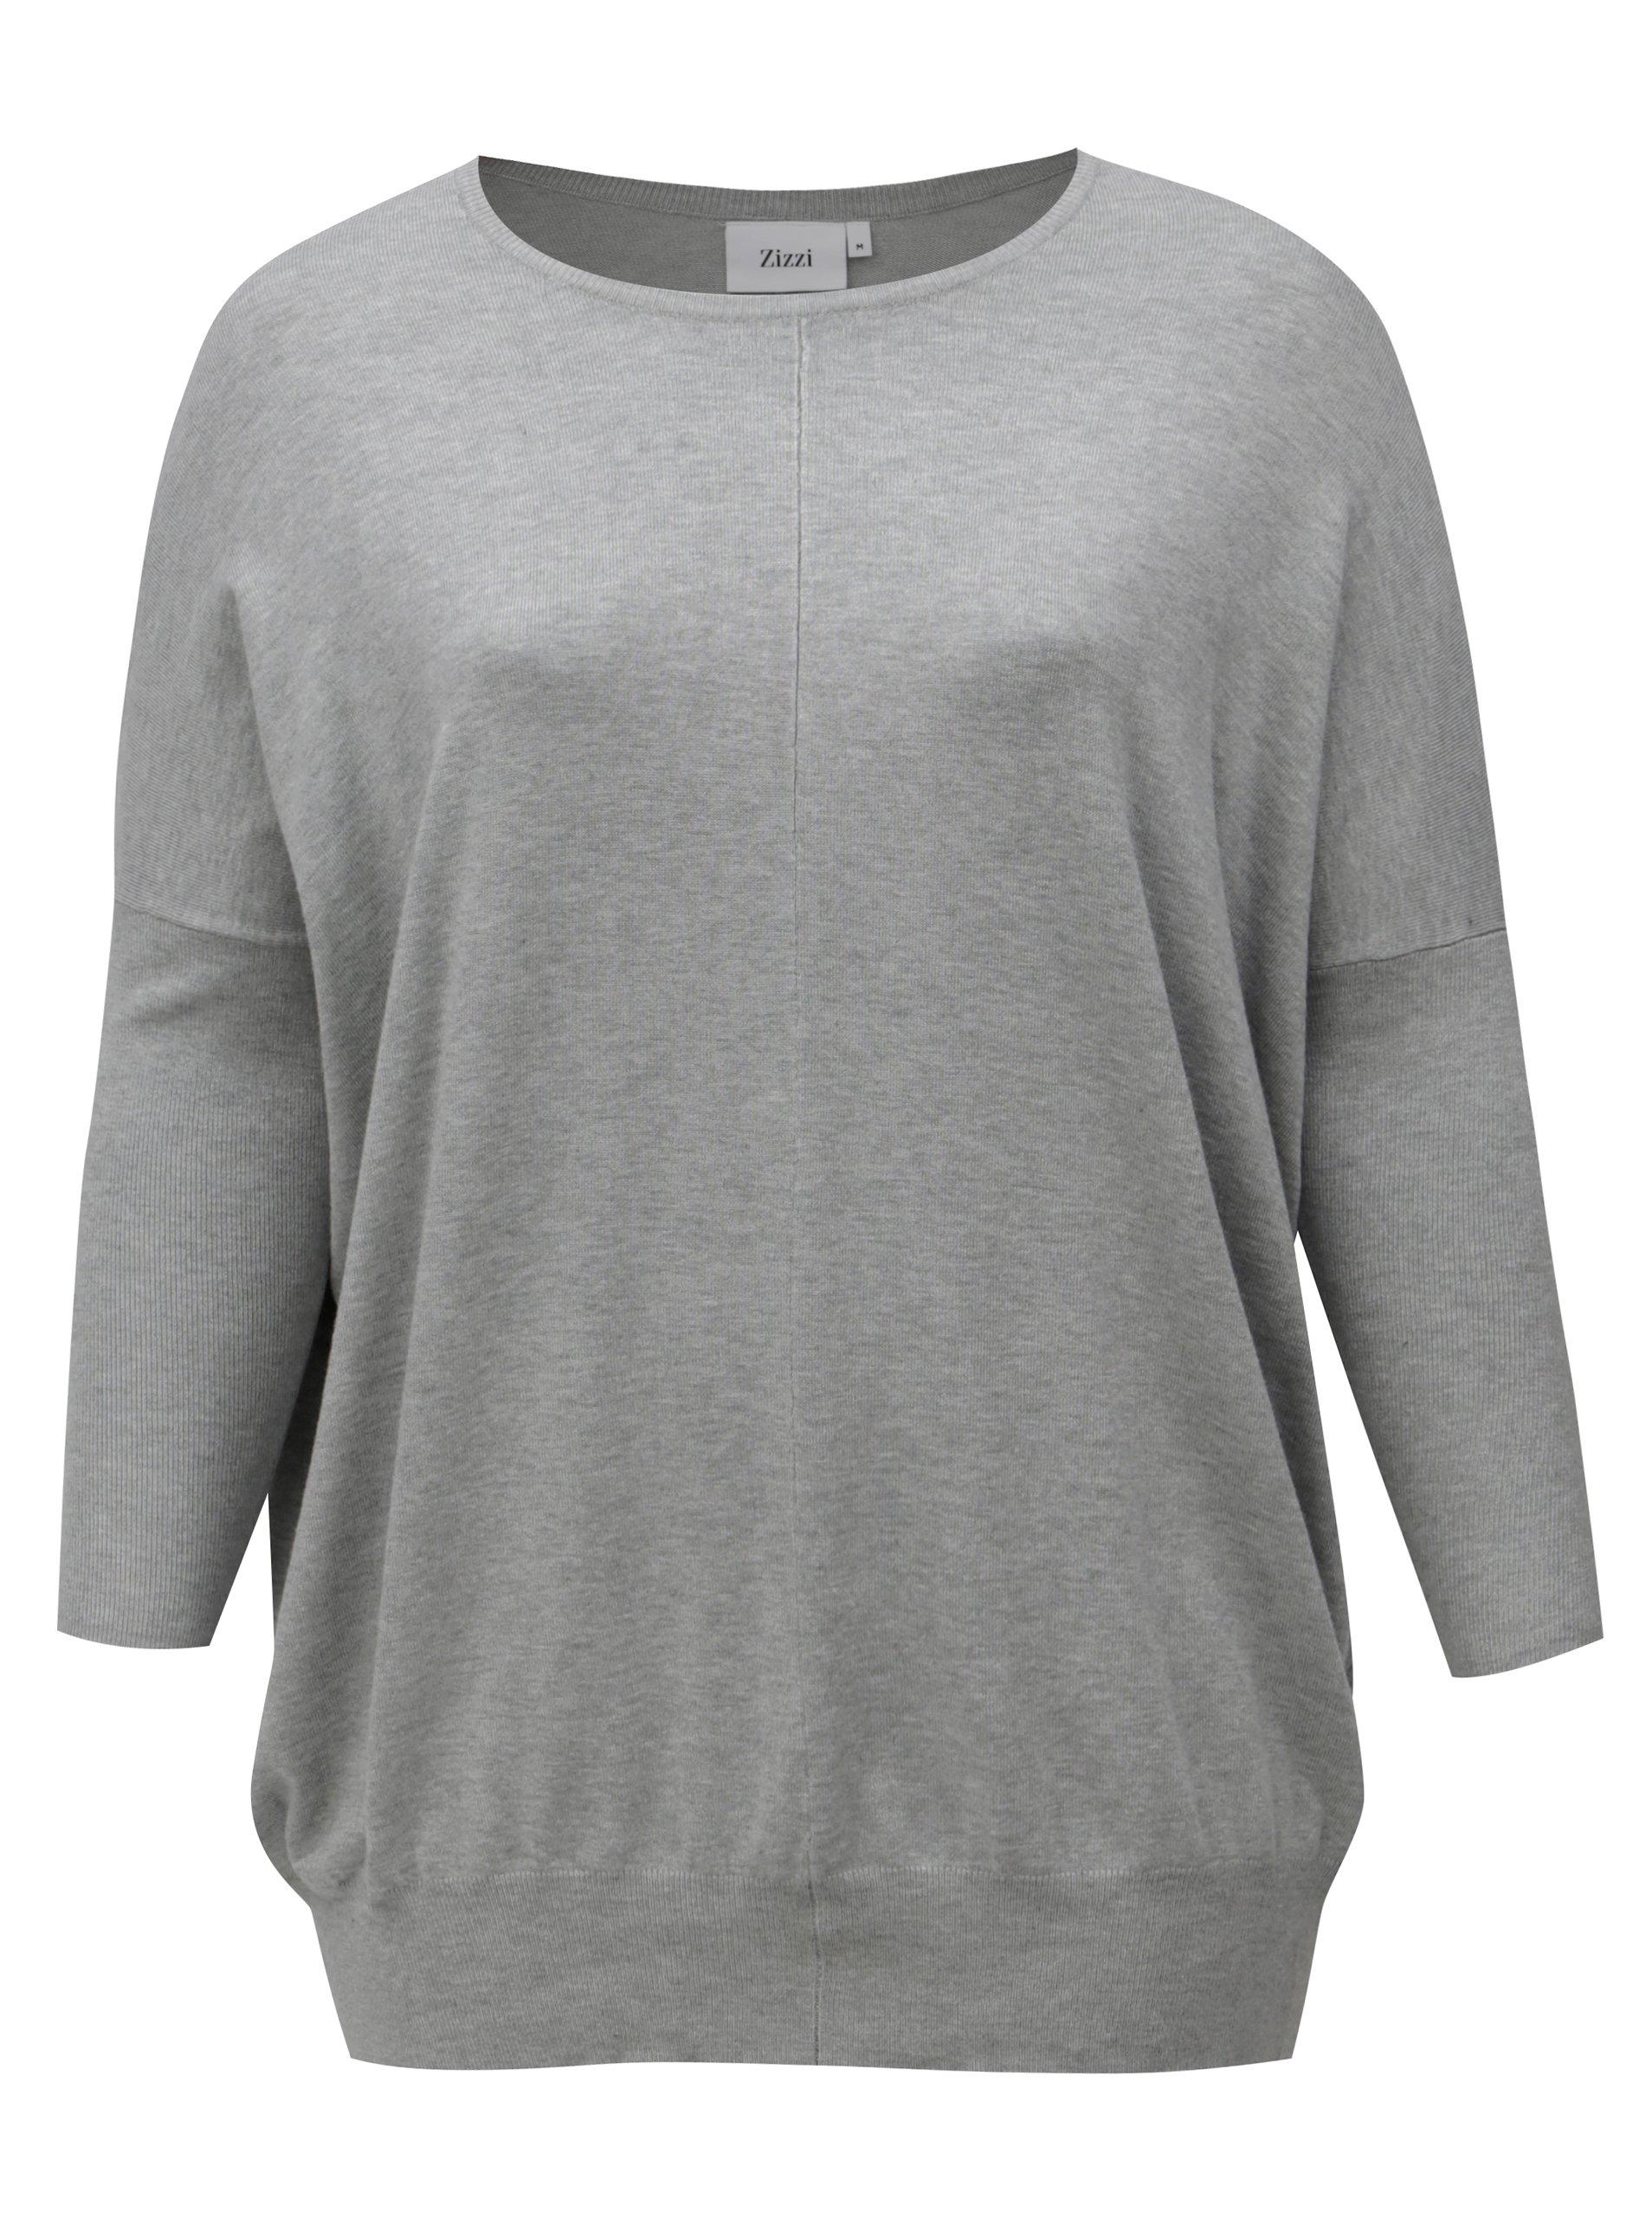 6fddf26a442 Dlouhy damsky svetr fashion sedy